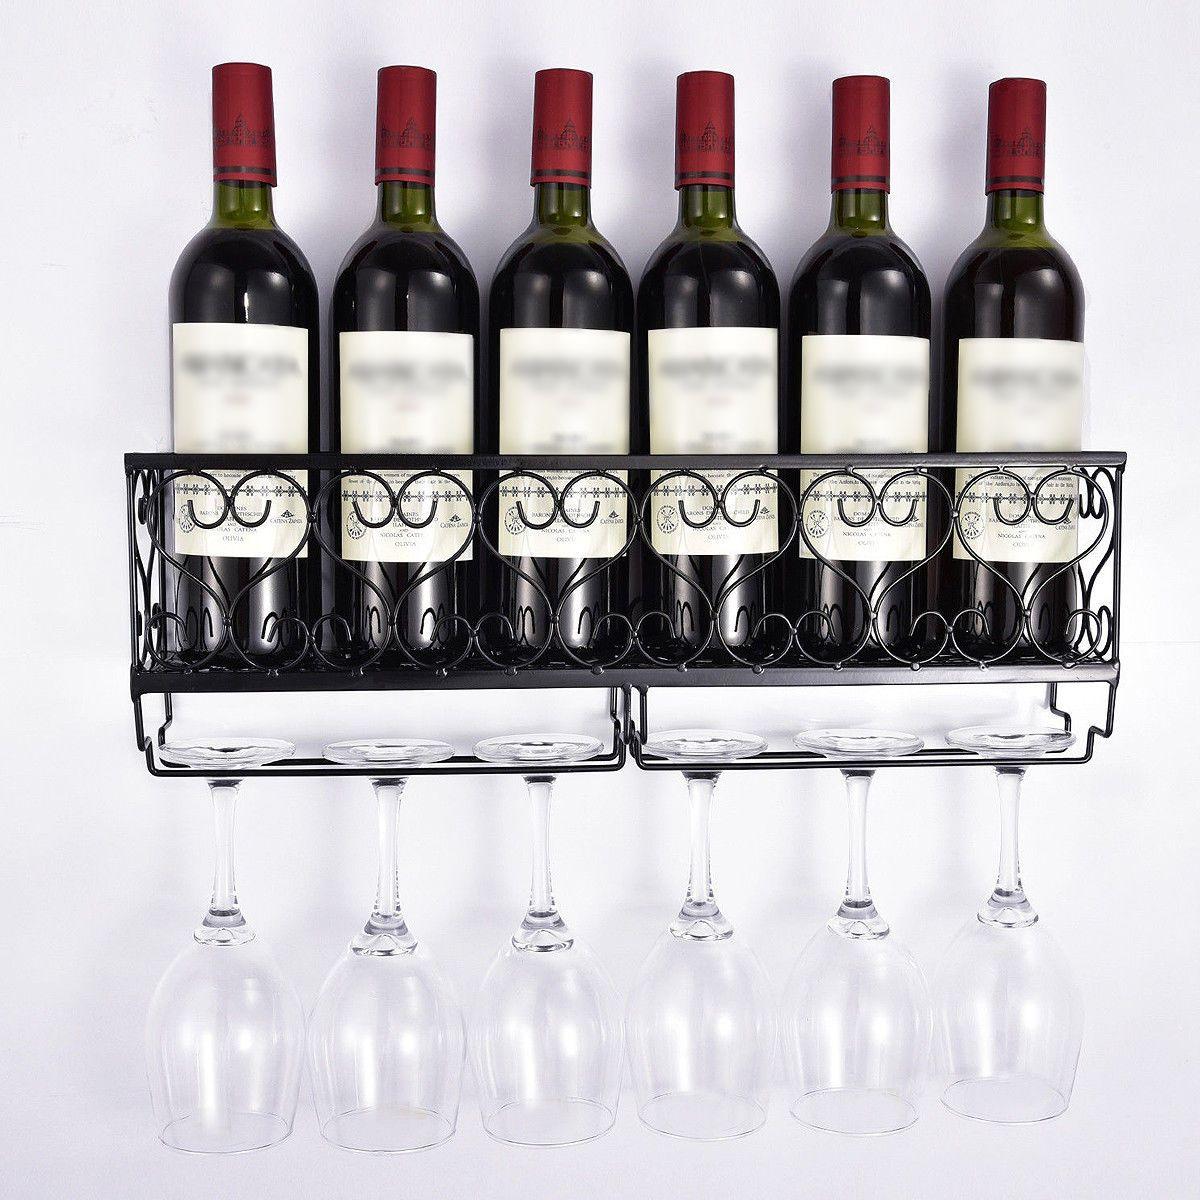 Duvar Tipi Metal Şaraplık Şarap Şişesi Raf ile Cam Tutucu Şişe Şampanya Cam Asma Tutucu Askı Raflar T200319 Şişe